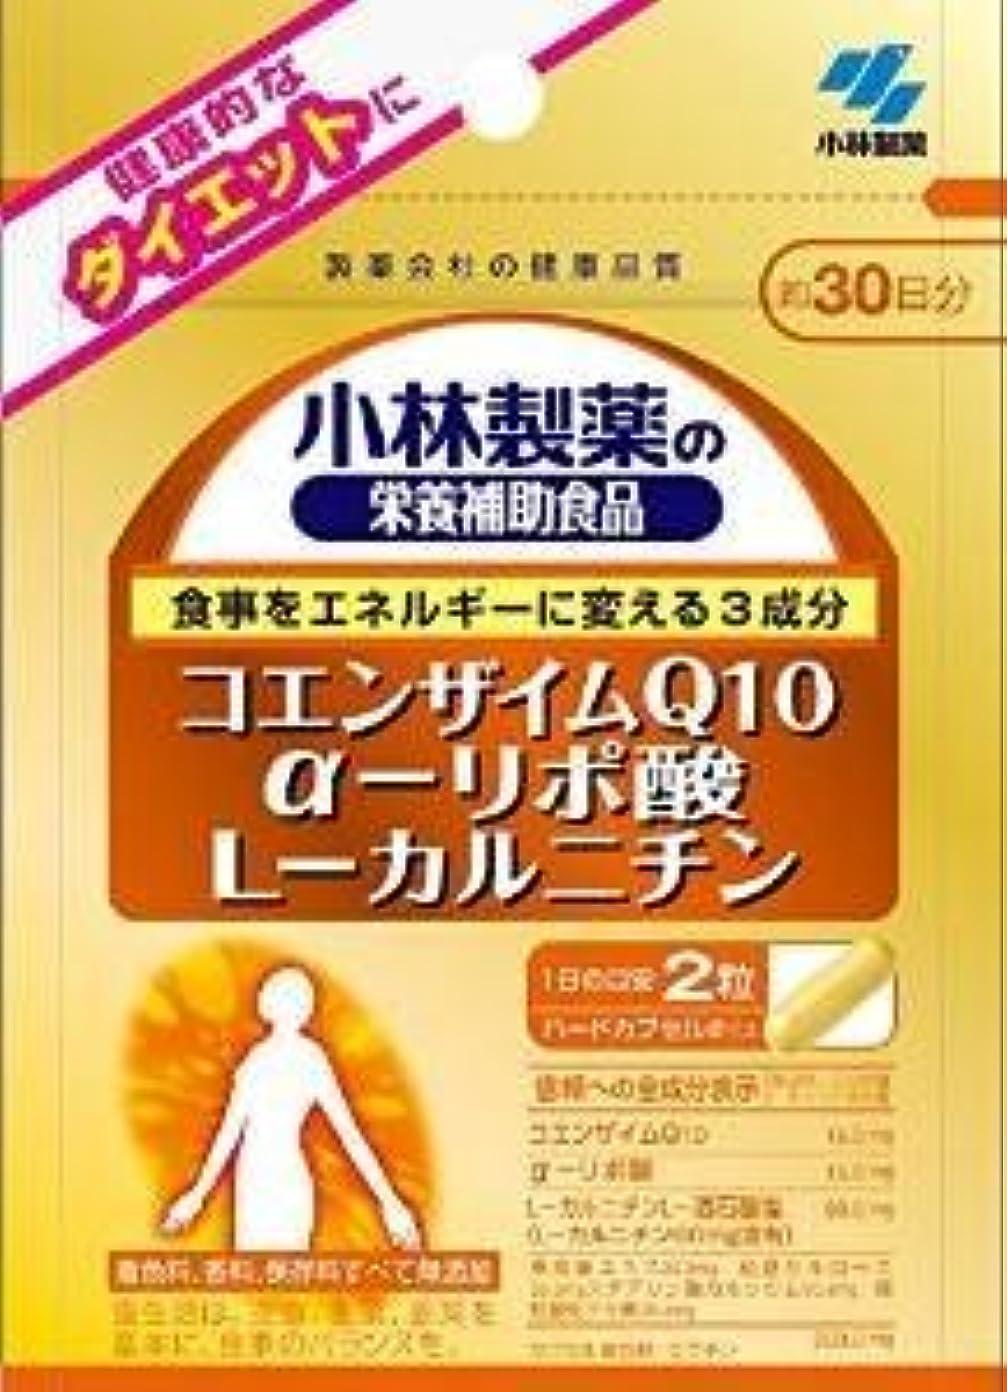 パワーなので発揮する小林製薬 小林製薬の栄養補助食品コエンザイムQ10α-リポ酸L-カルニチン60粒×5袋